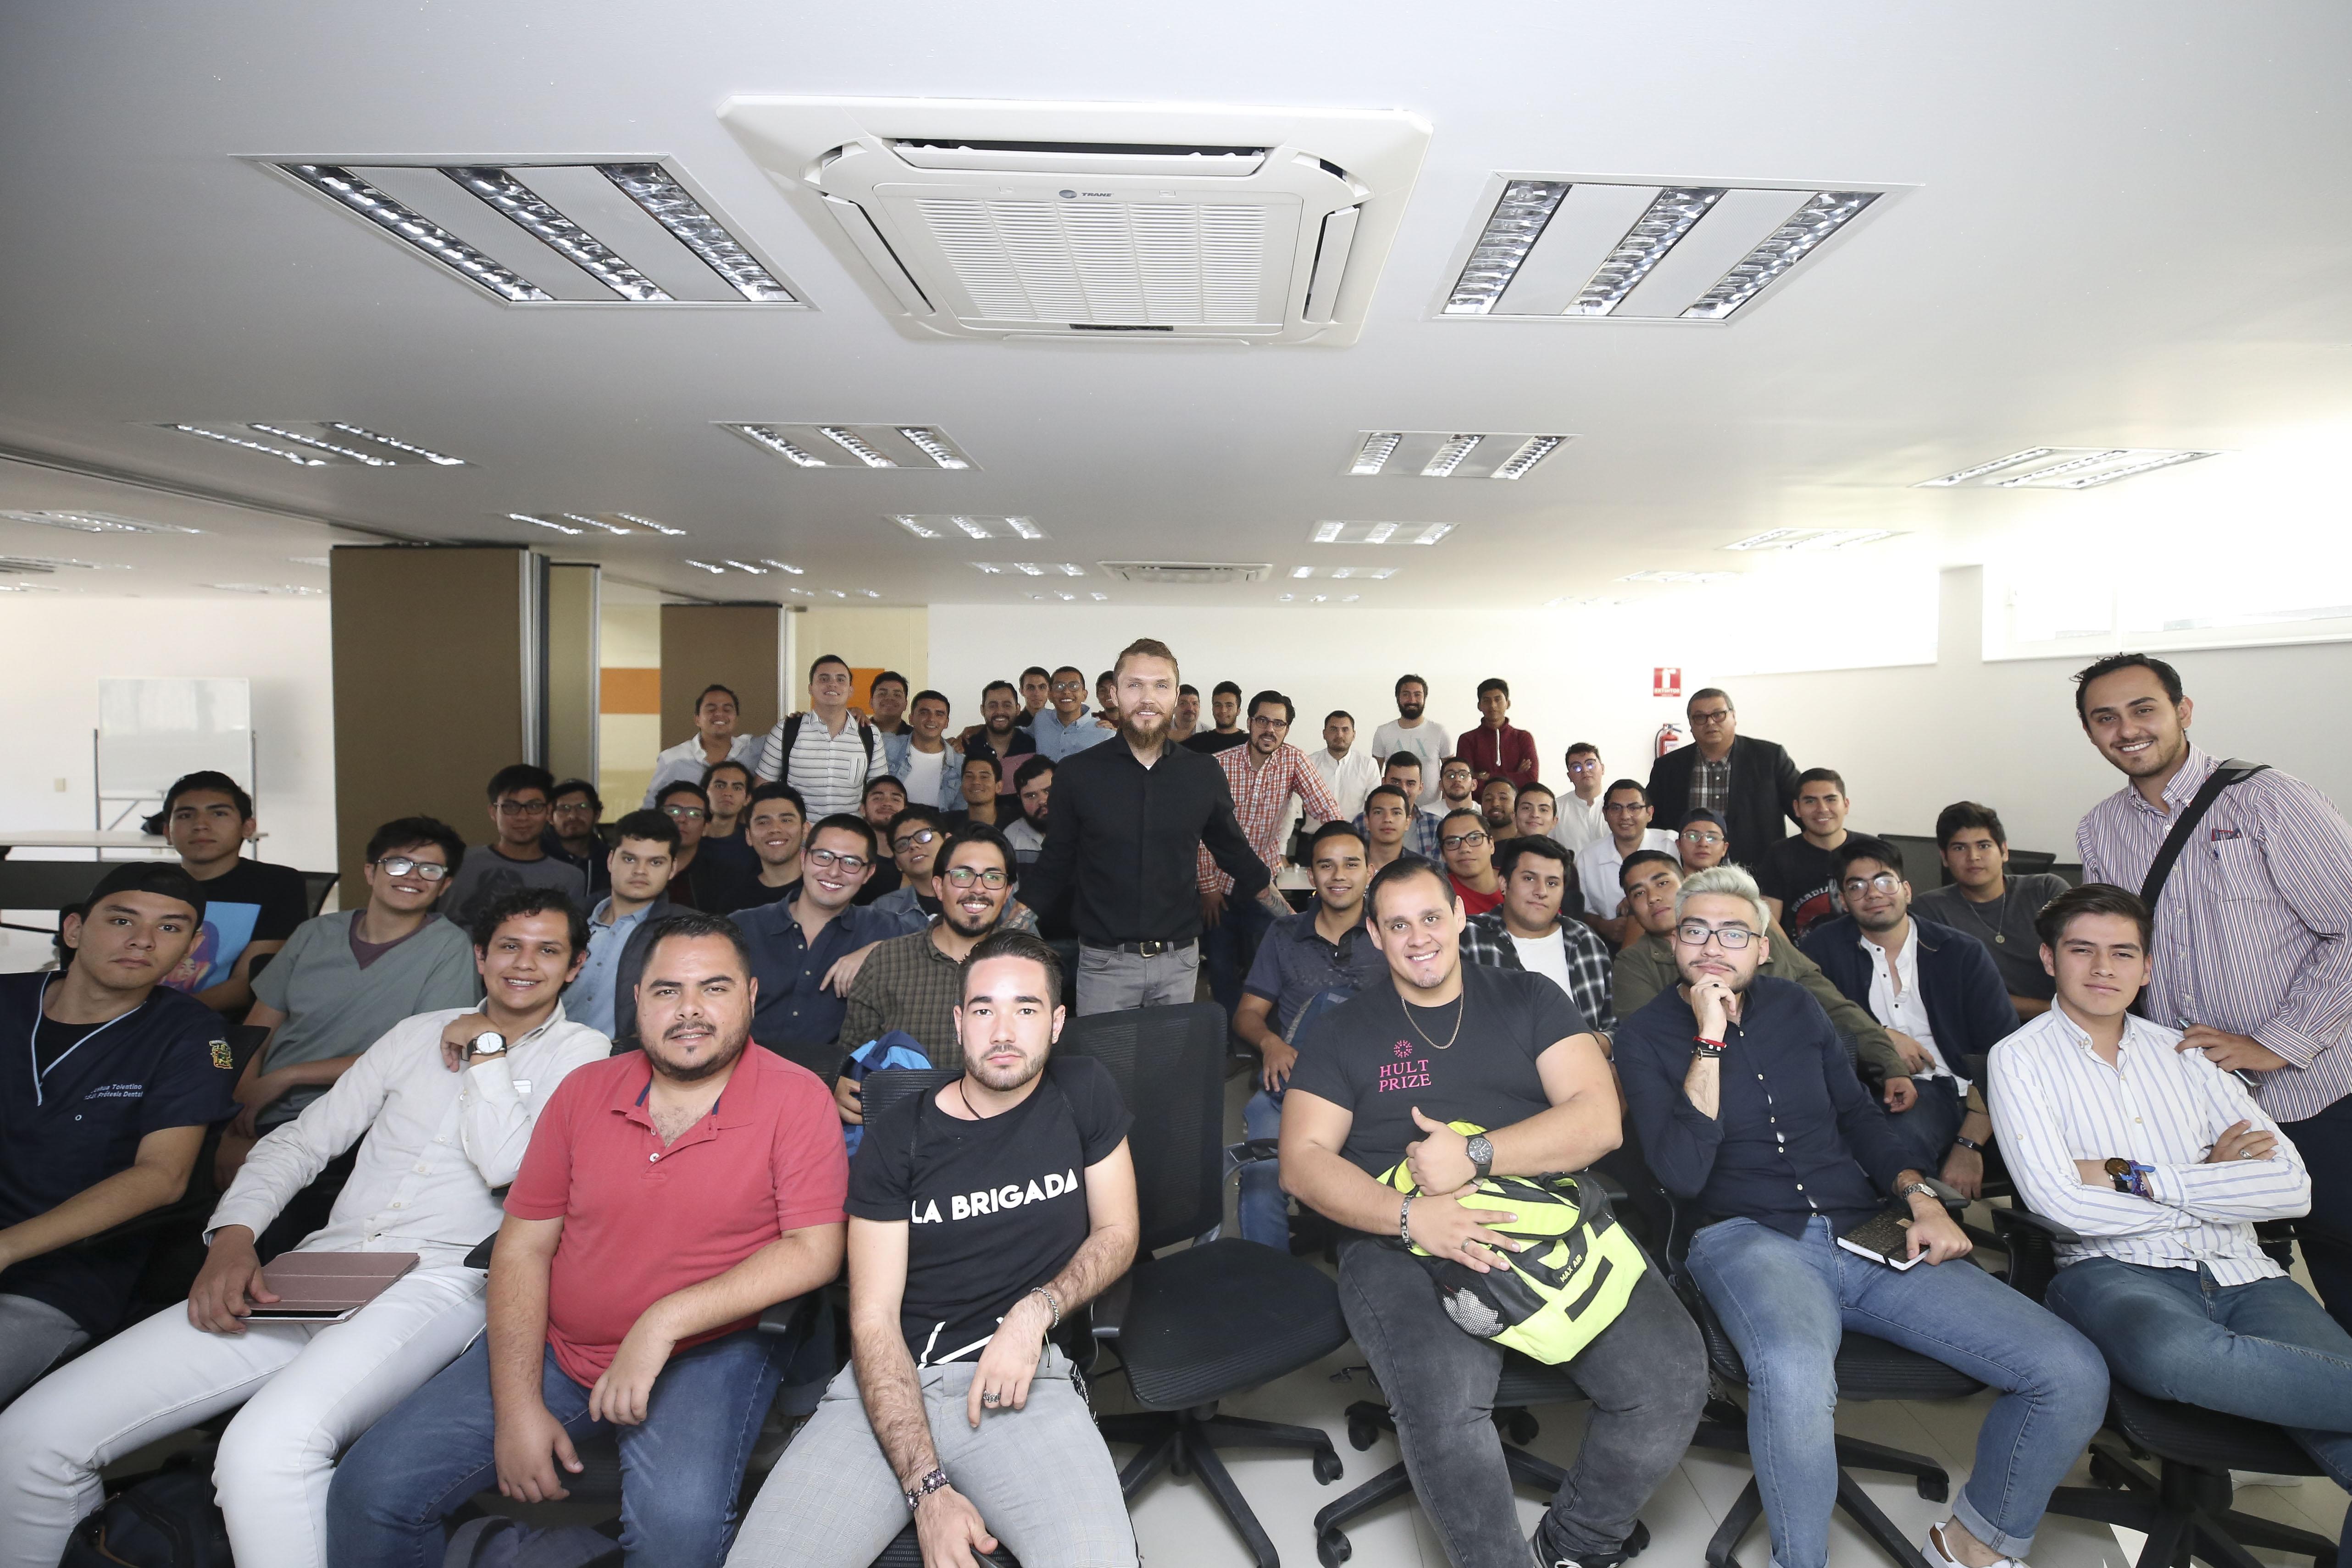 Foto grupal de participantes en el grupo, al centro uno de los ponentes